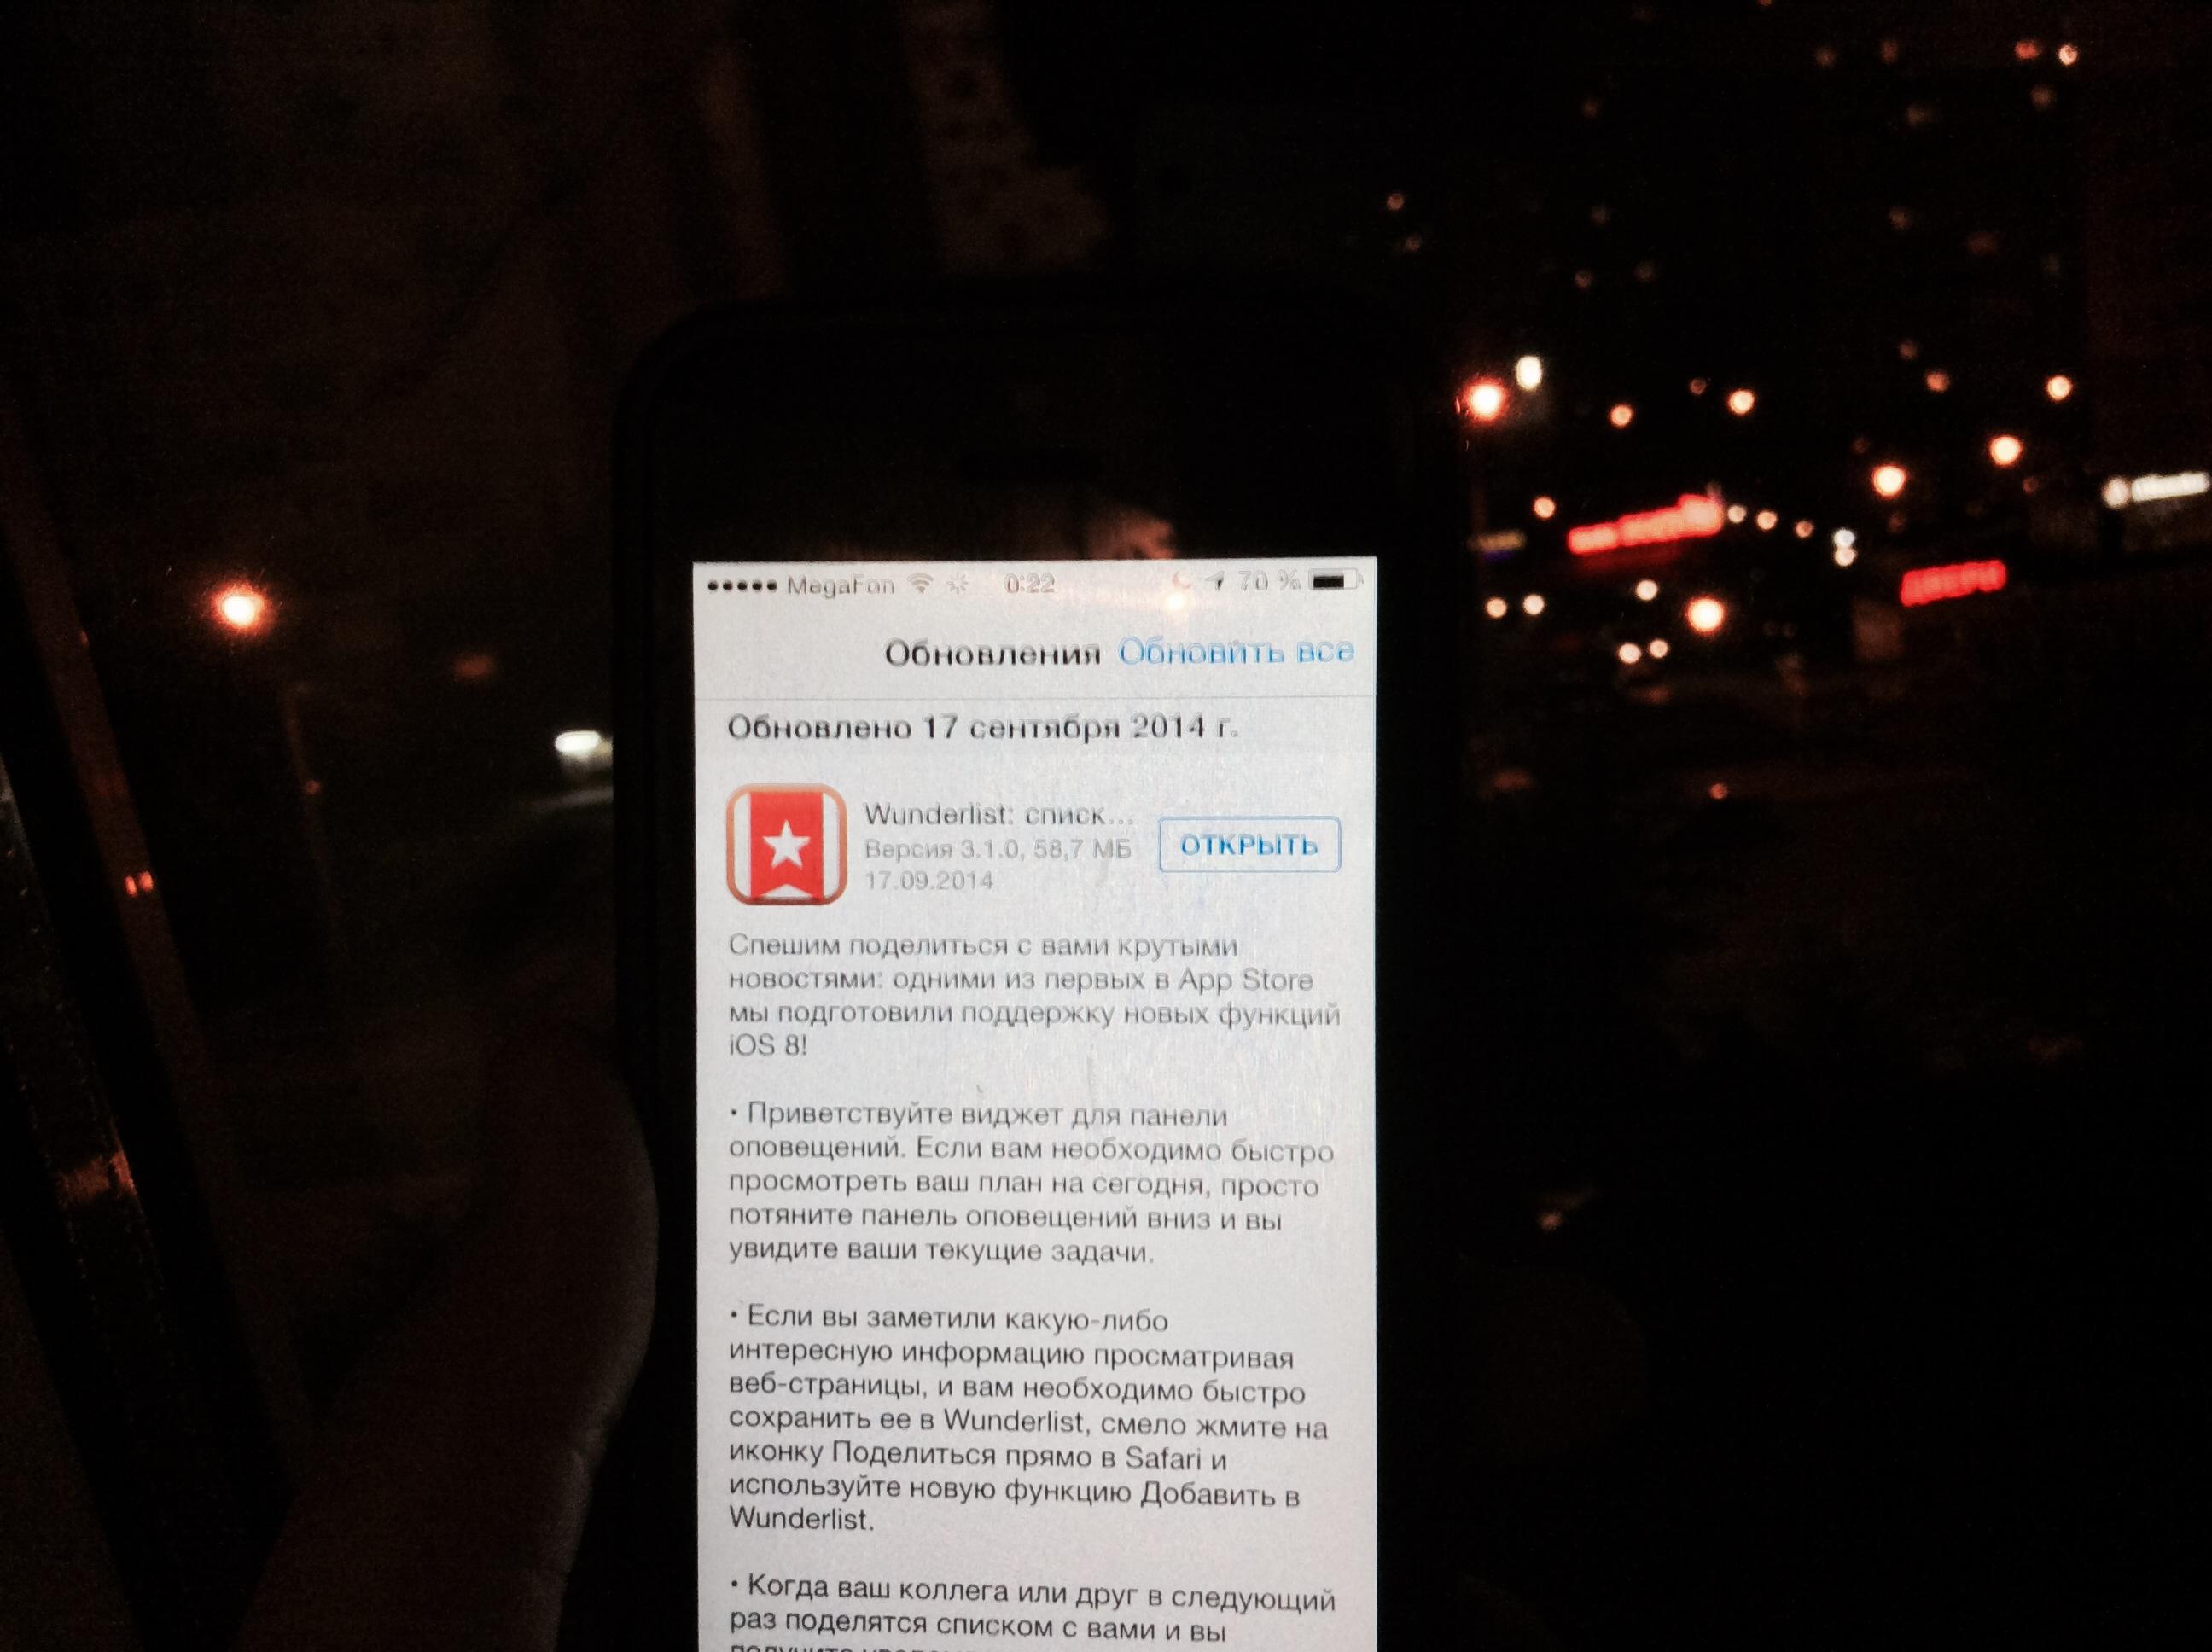 Все приложения, которые обновились до поддержки iOS 8 этой ночью